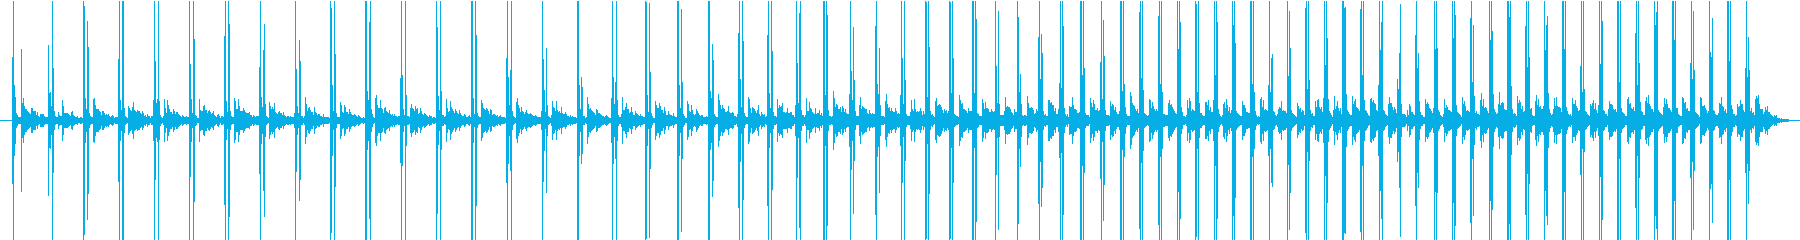 トンネルの中で早歩きになる音の再生済みの波形